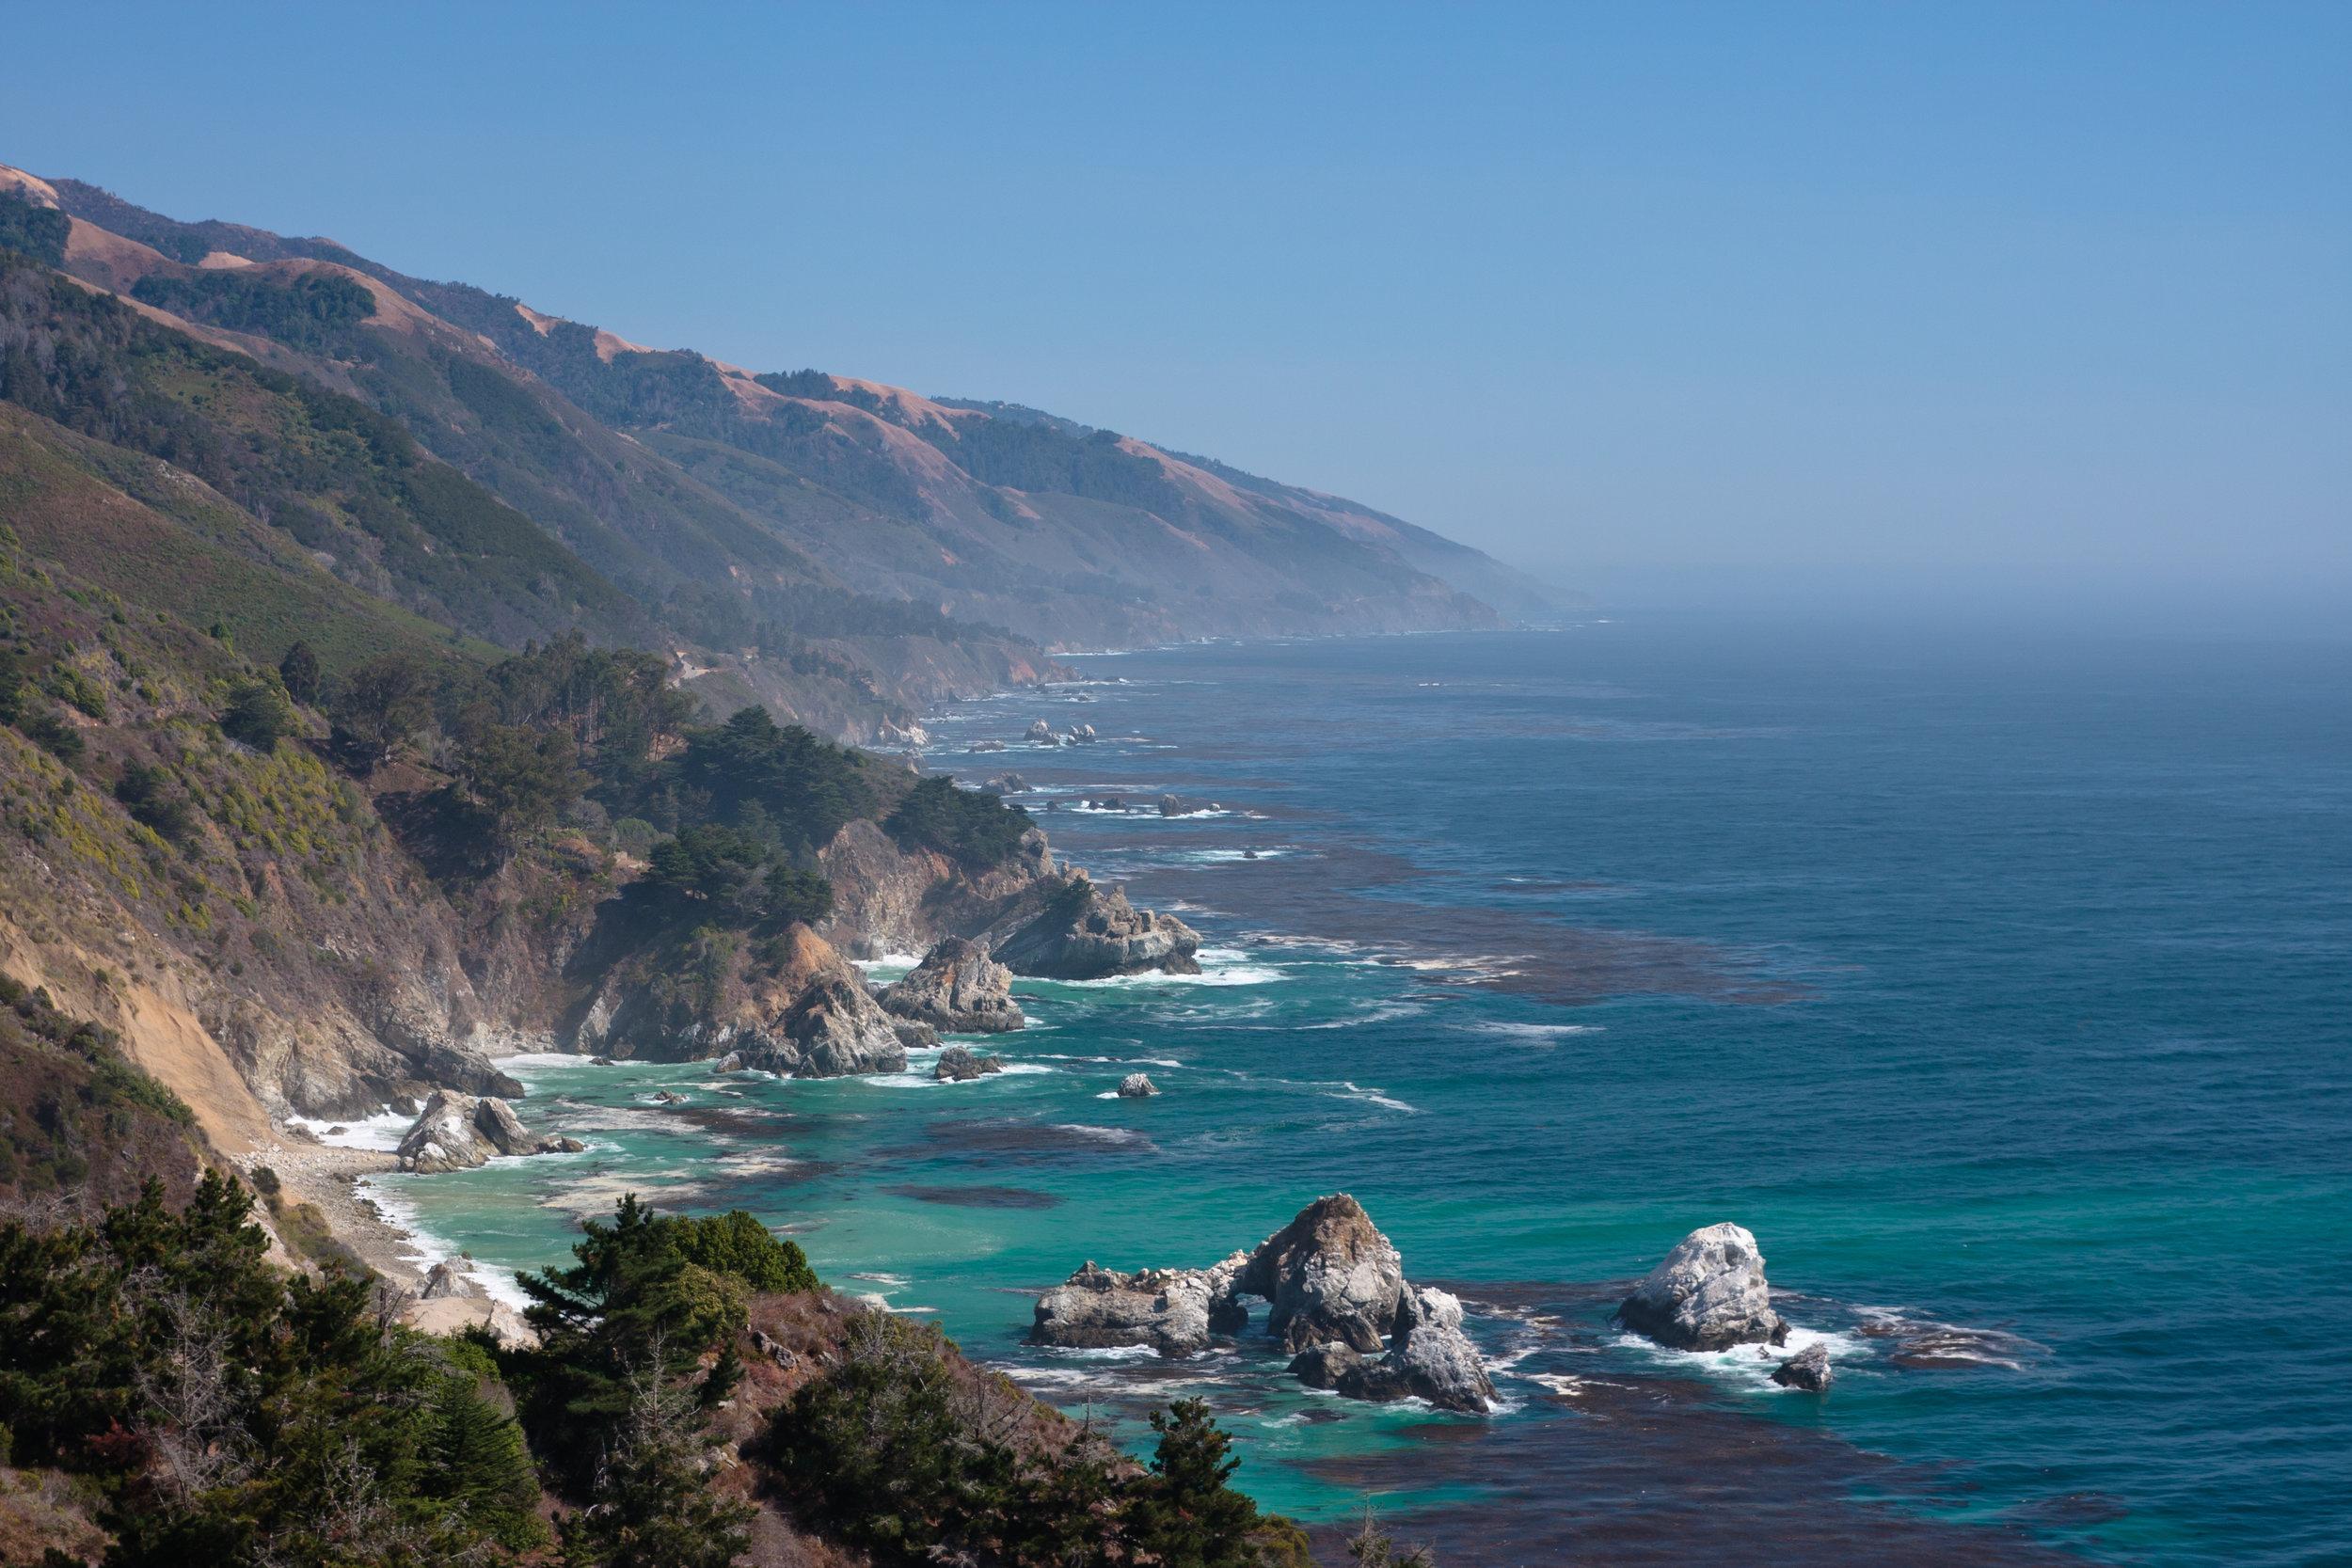 Big Sur coastline; photo by Radoslaw Lecyk/Shutterstock